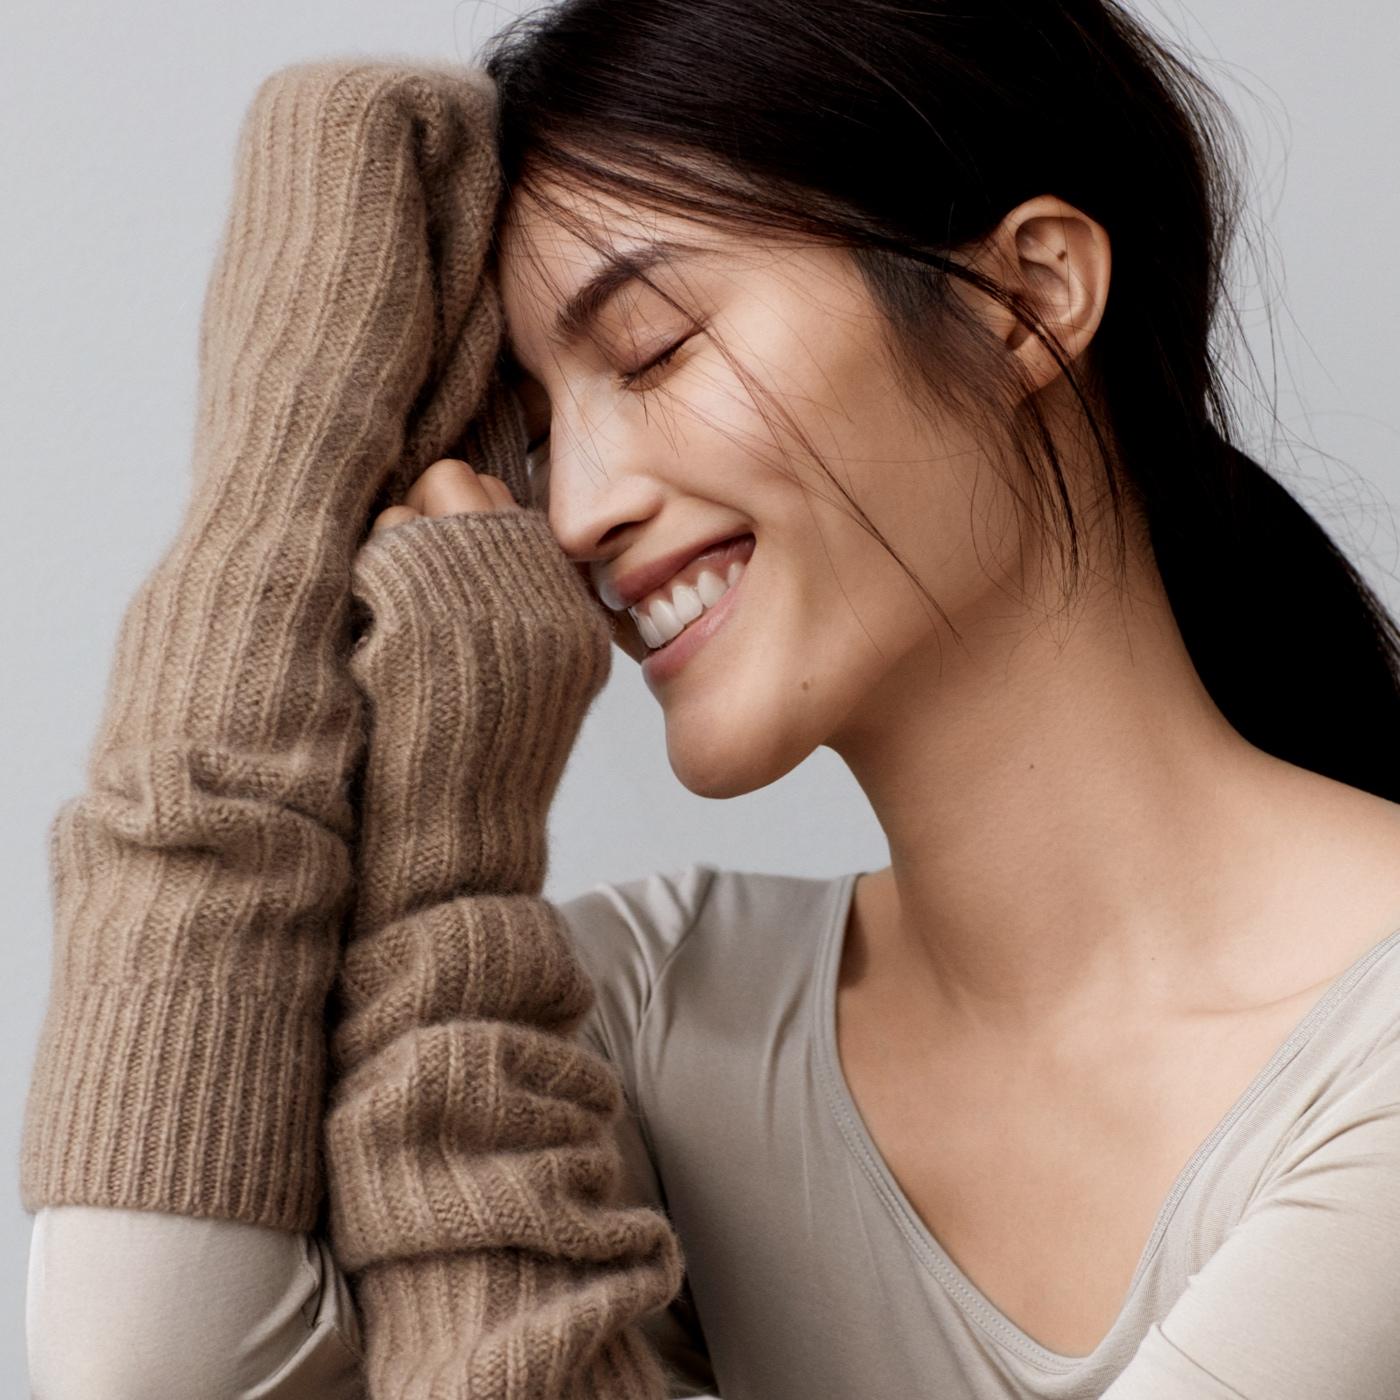 何穗演绎秋冬广告大片 展现温柔质感